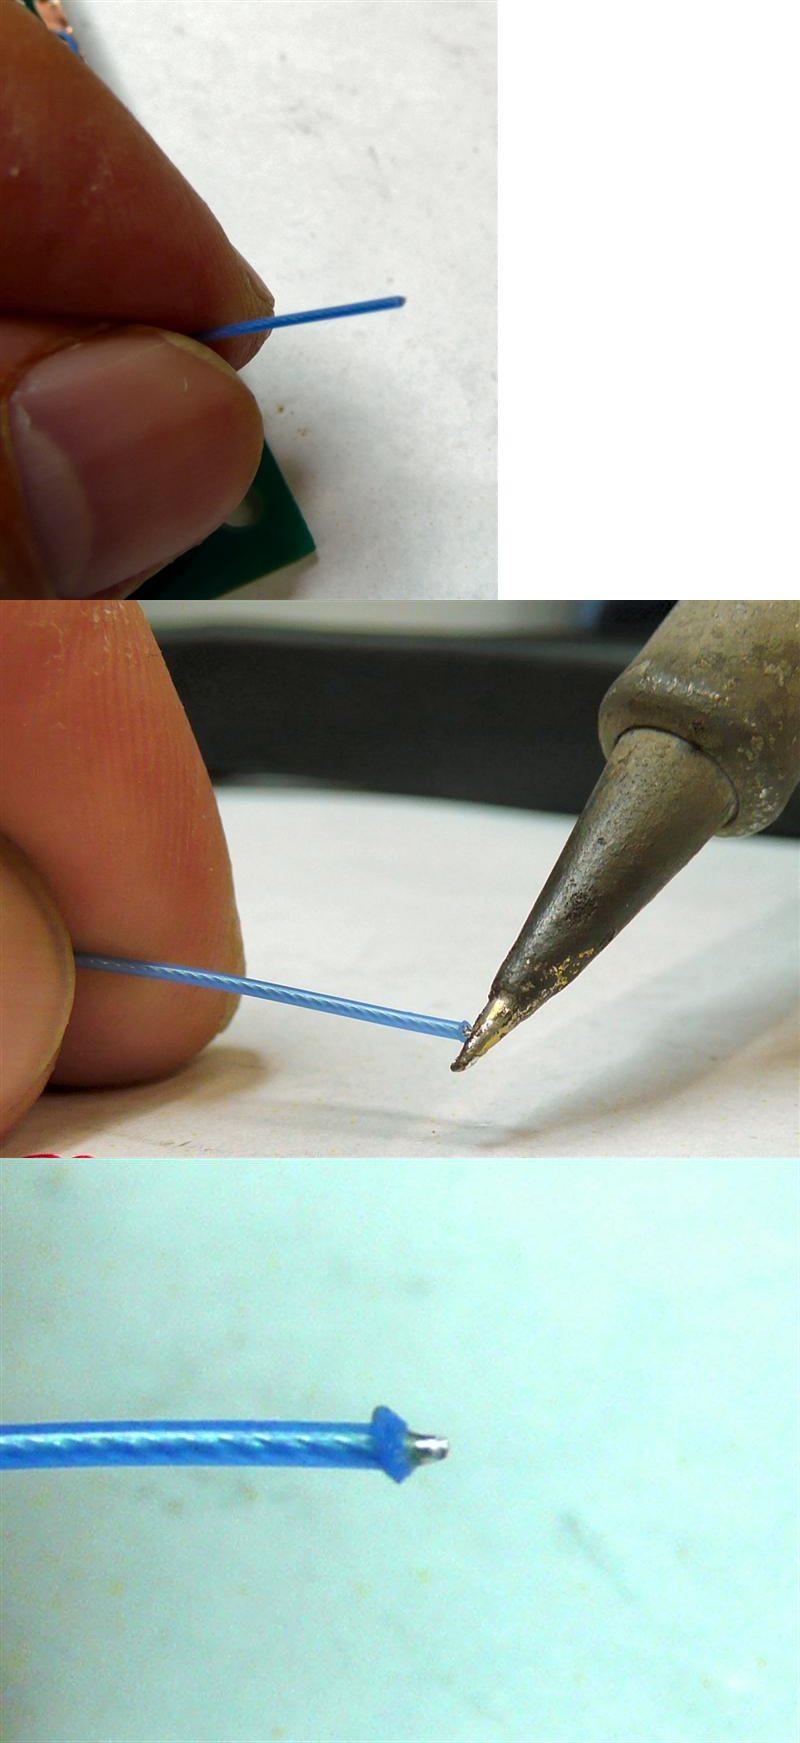 ジュンフロン電線の片方を半田ゴテで熱するとICに配線しやすい程に被服がめくれる